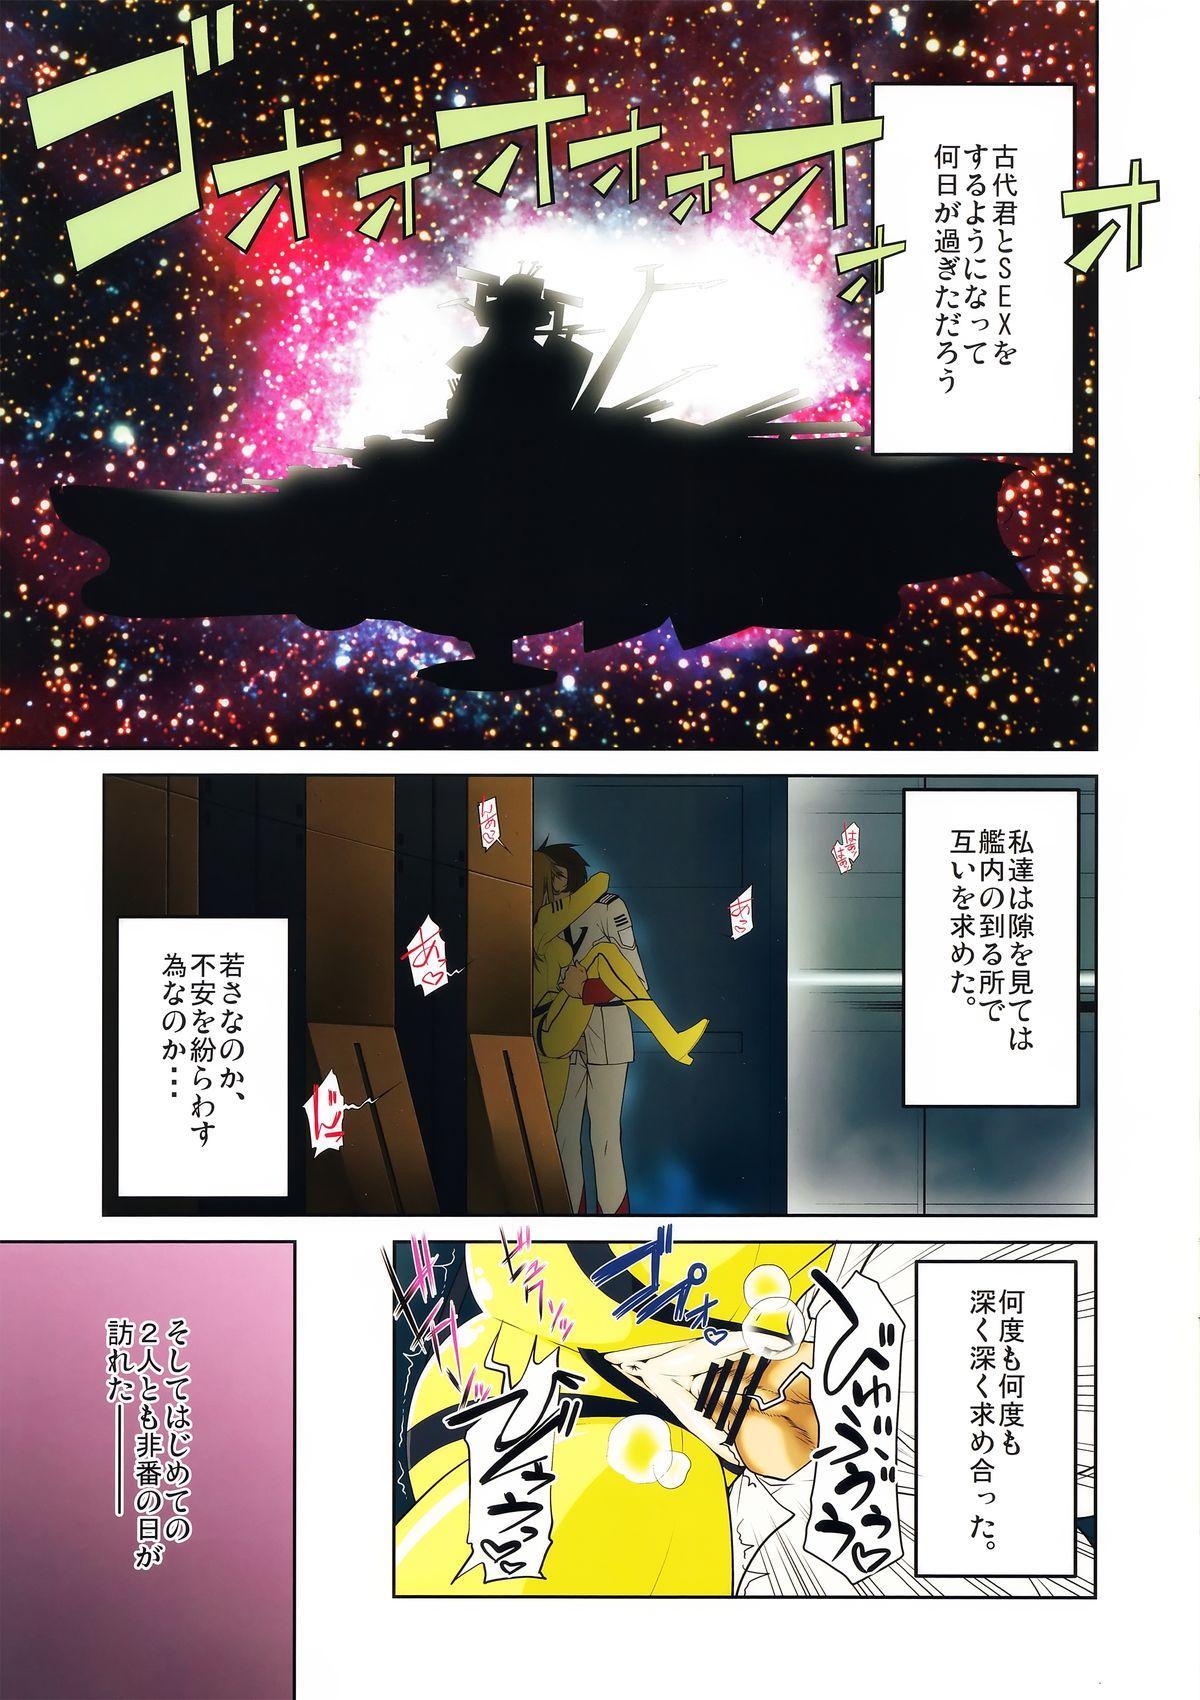 Karasu no Mori 2